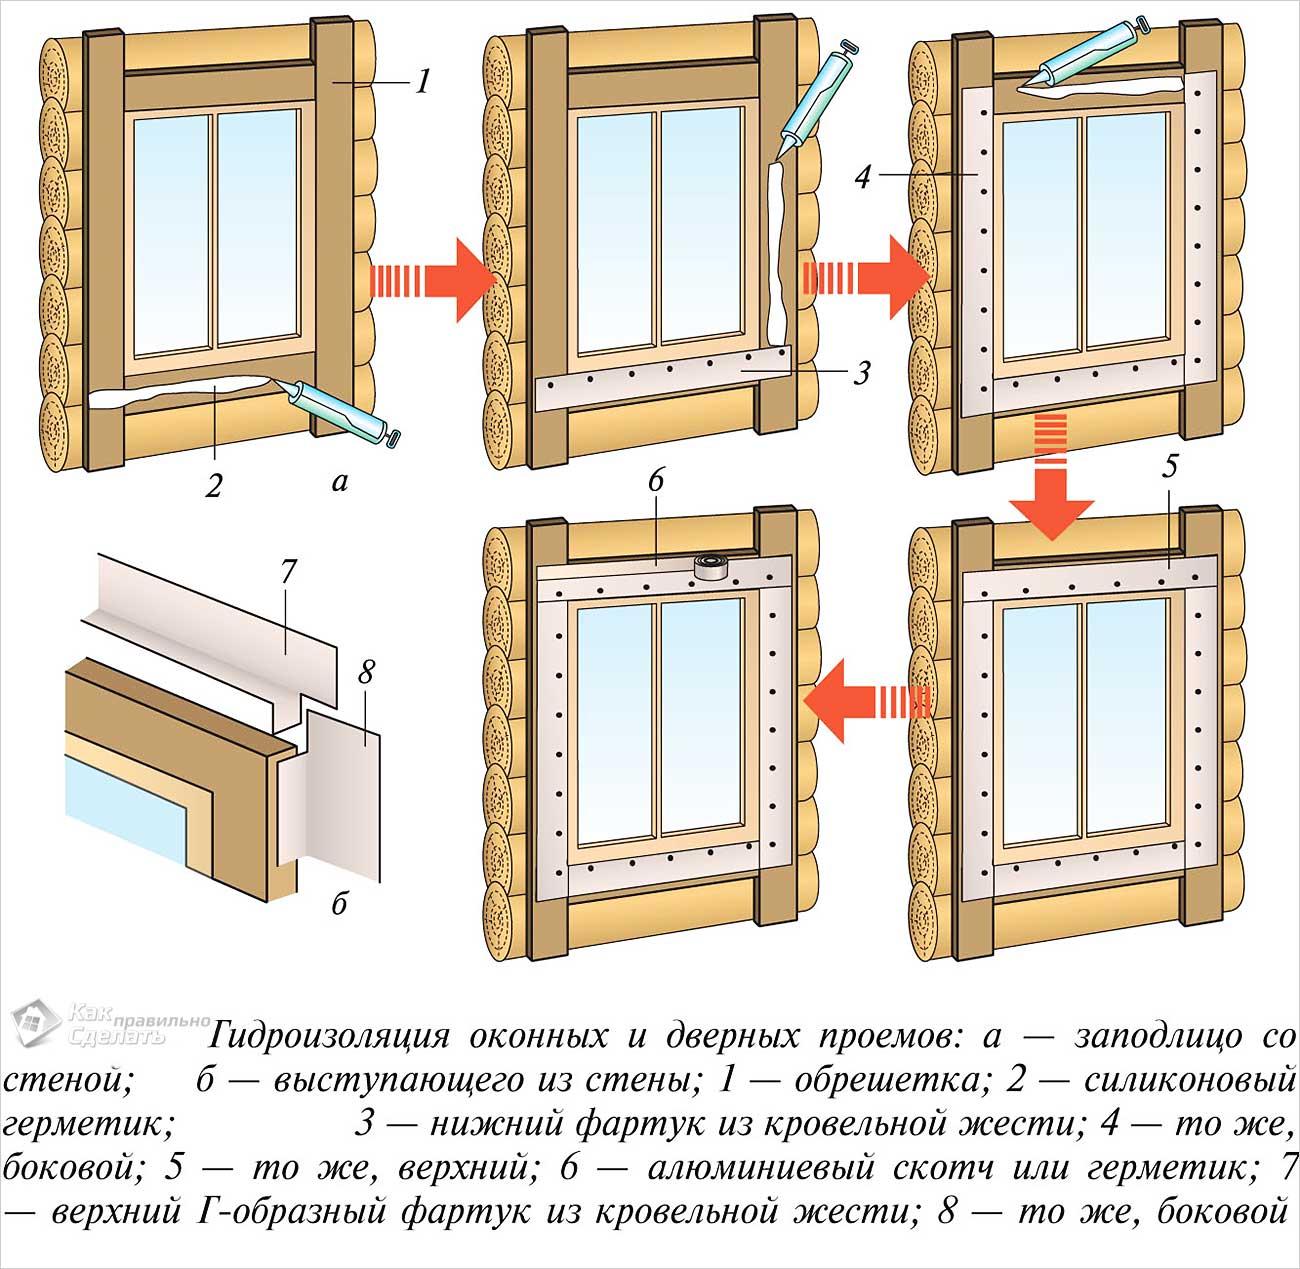 Как обрамить дверной проем своими руками сайдингом